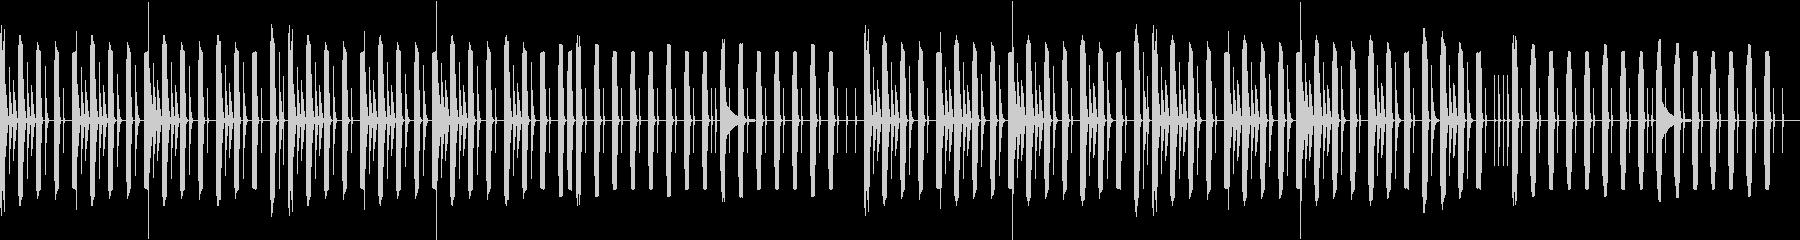 可愛げのあるいたずら、たくらみ(ループ)の未再生の波形